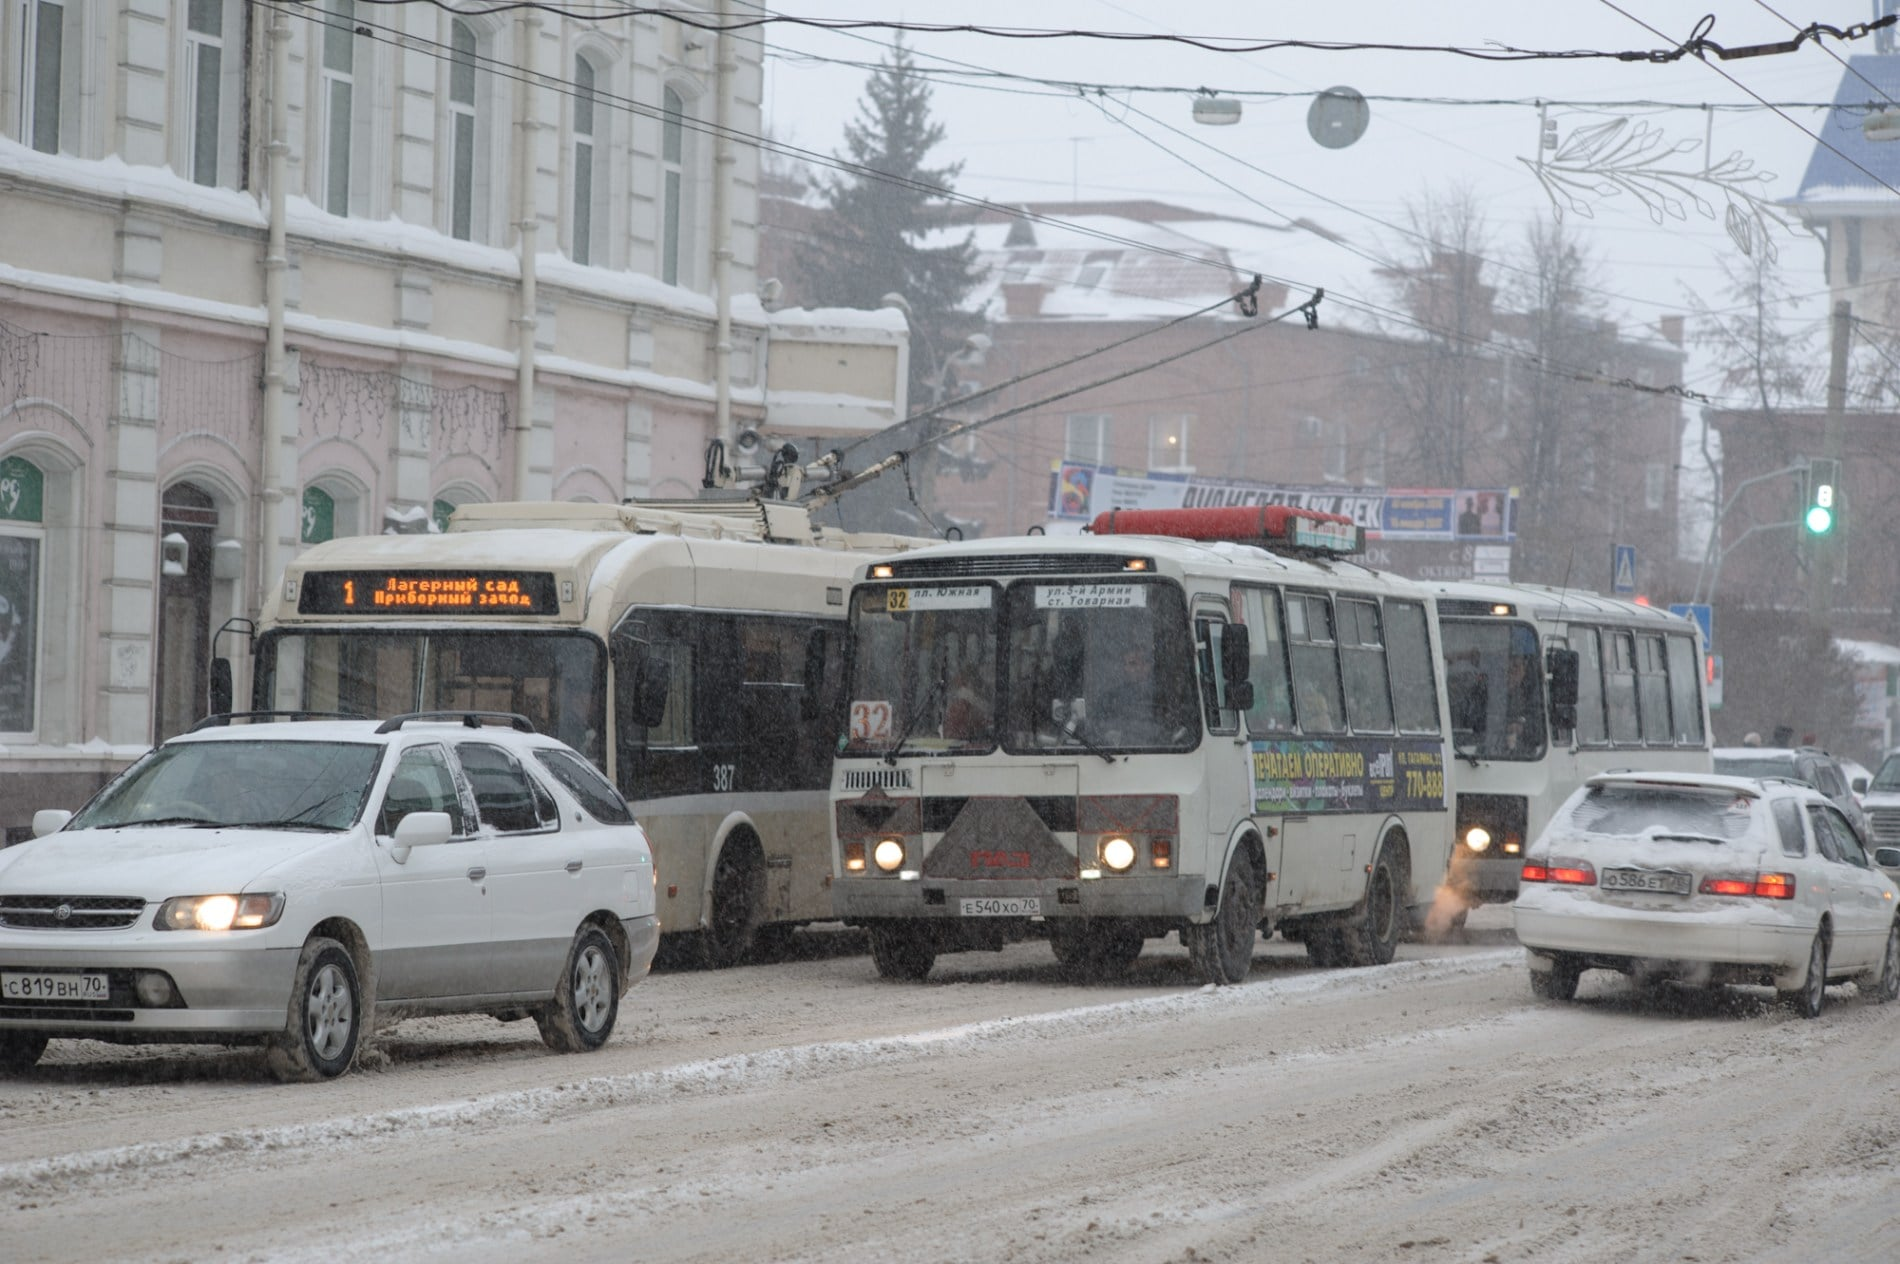 Снового года стоимость проезда вТомске вырастет на руб.